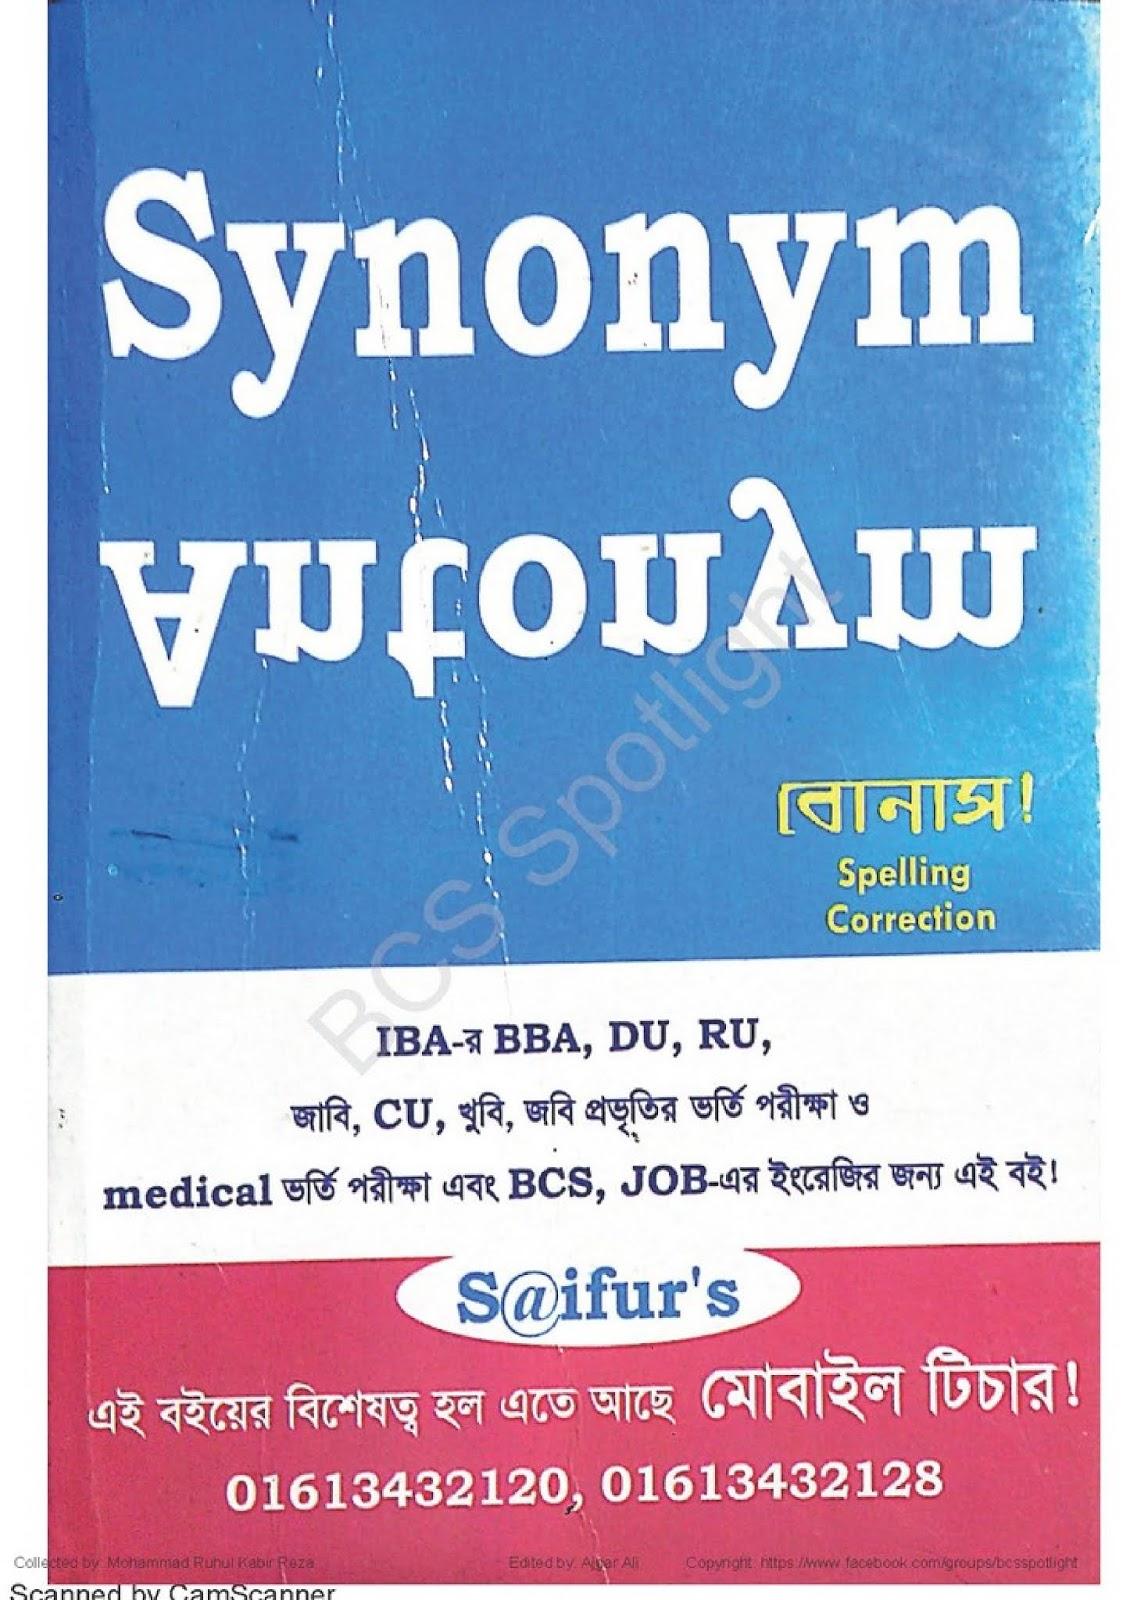 সাইফুরস এর Synonym Antonym বই pdf, Saifurs Synonym Antonym pdf  সাইফুরস এর সকল বই,২০২০ সালের সাইফুরস এর সকল বই ফ্রিতে ডাউনলোড করুন